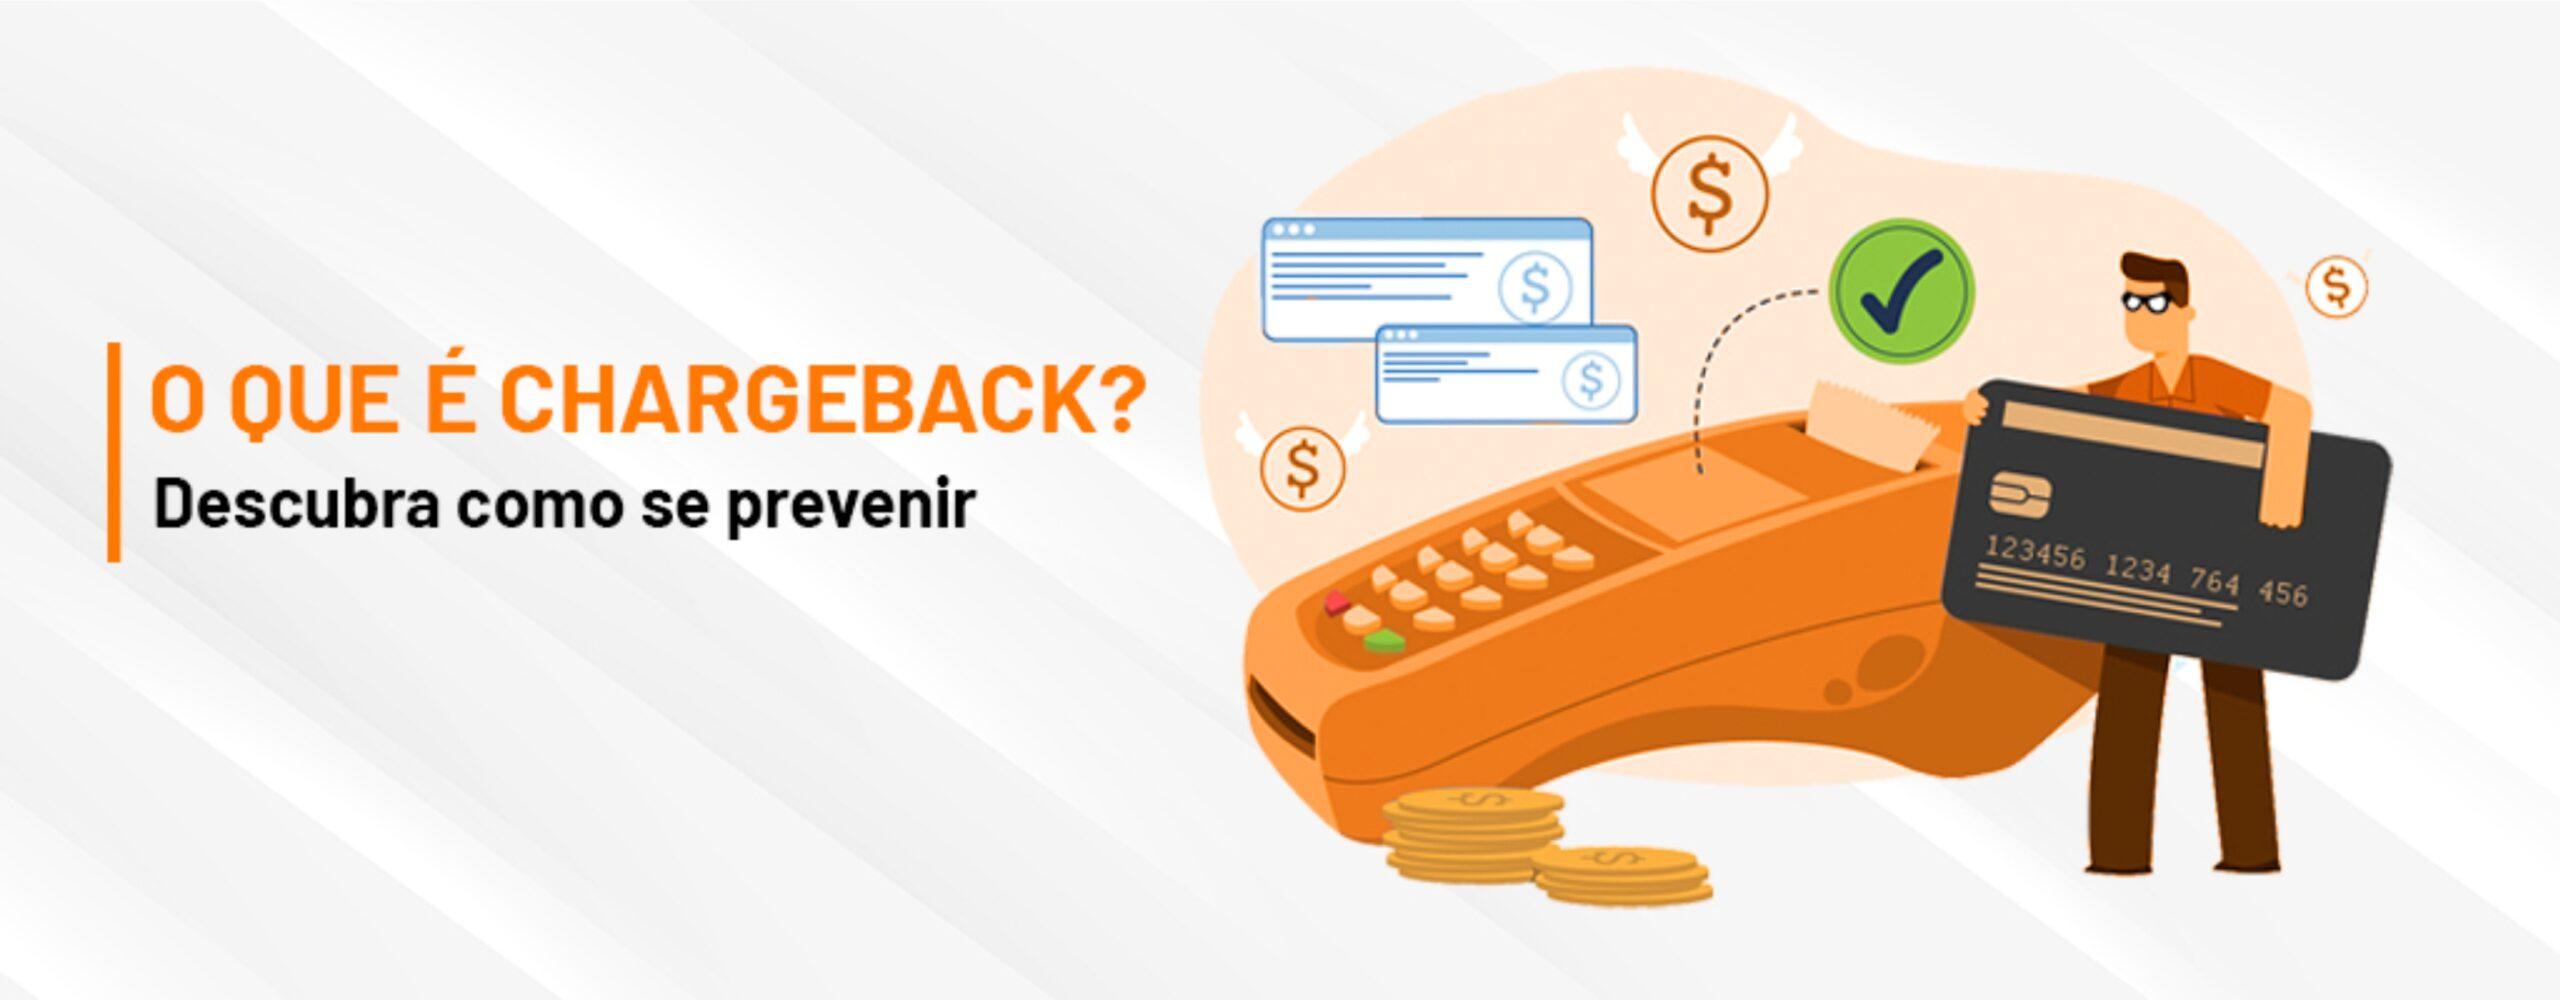 O que é chargeback?